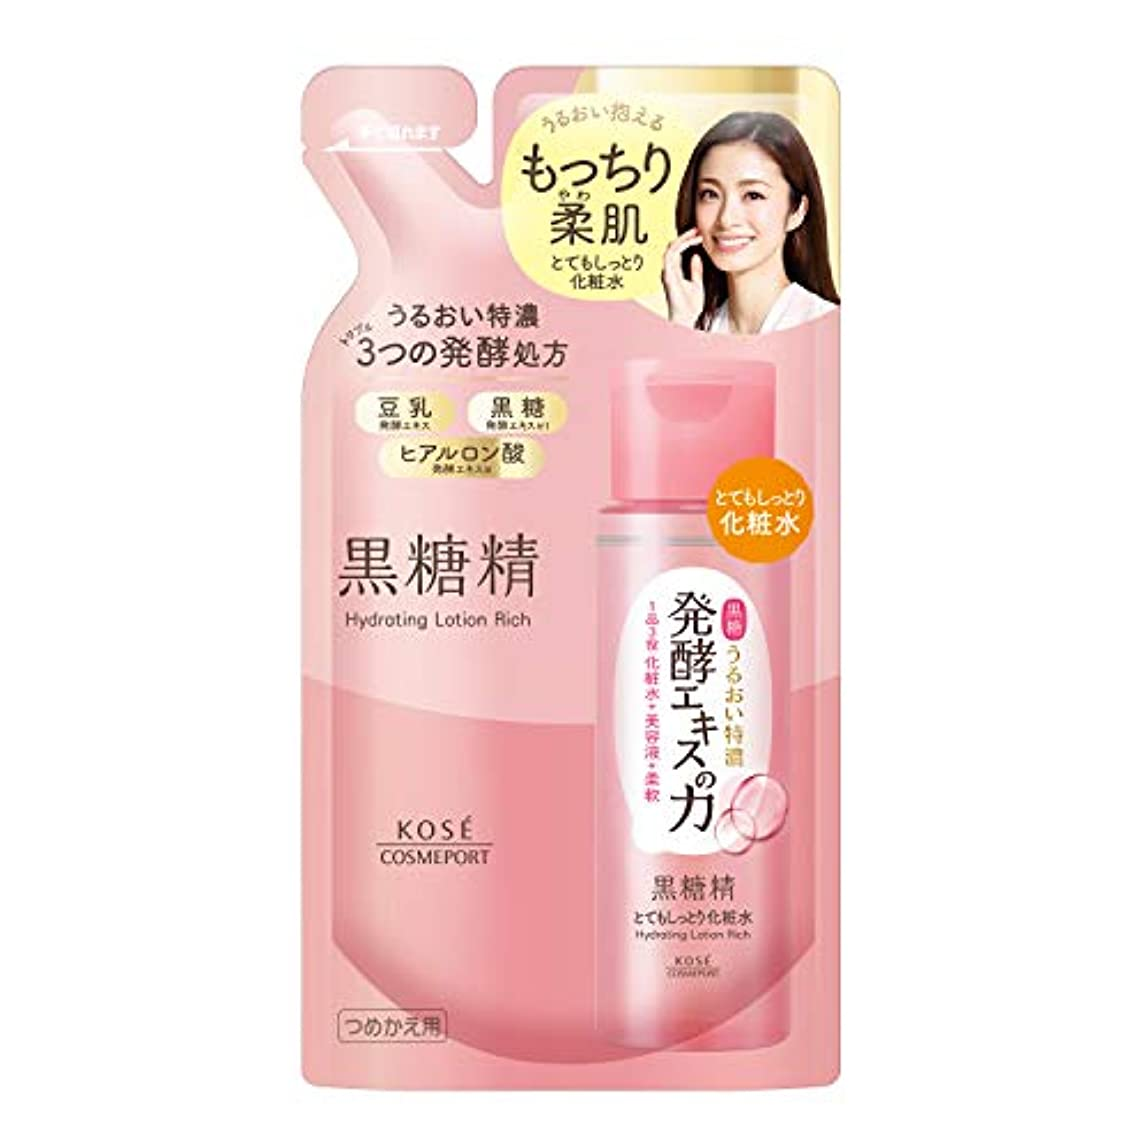 重なるメイドママKOSE 黒糖精 とてもしっとり化粧水 つめかえ 160mL